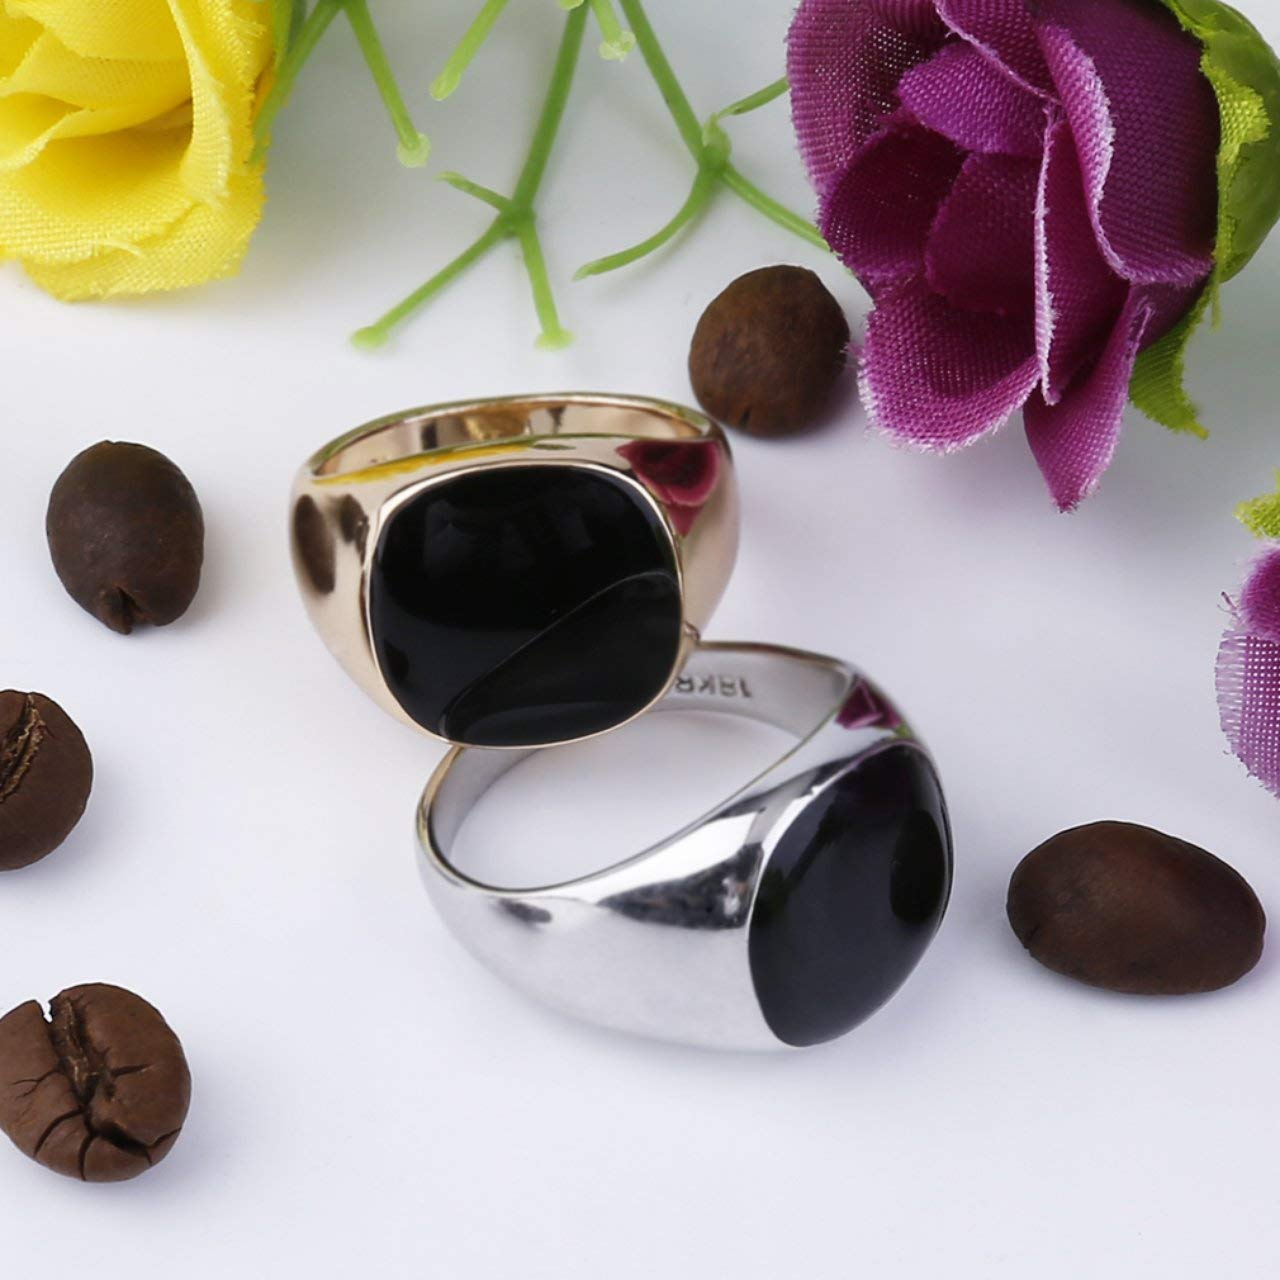 Blanc Jasnyfall Vintage Hommes Bague Bijoux Titane Acier Dominant Obsidian Party Club Bague Bijoux Anneau Cadeau Bijoux 17mm